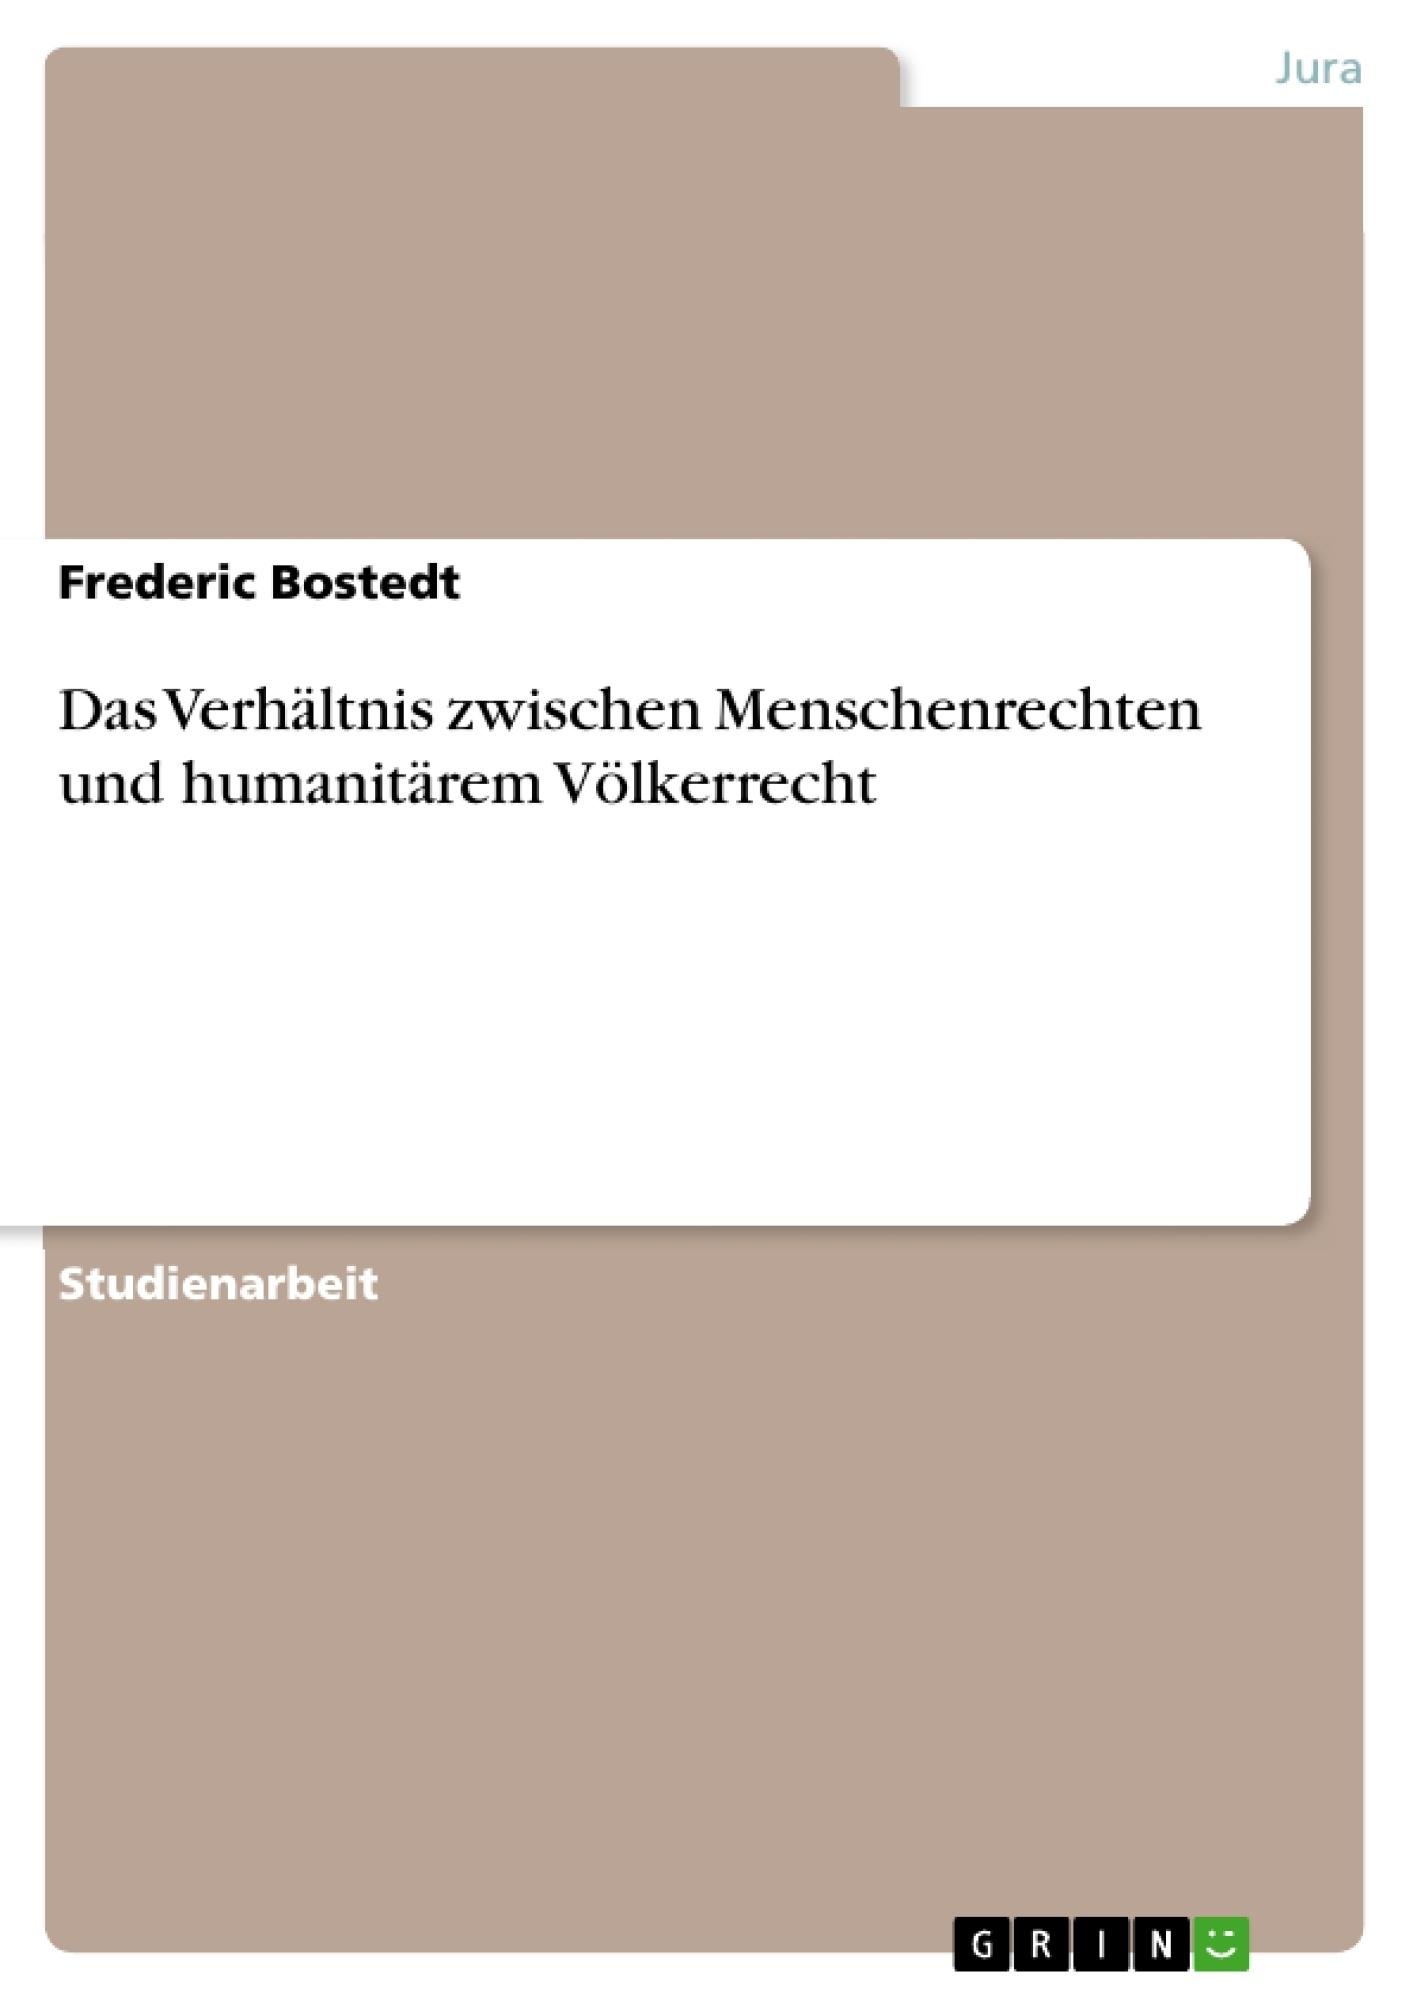 Titel: Das Verhältnis zwischen Menschenrechten und humanitärem Völkerrecht